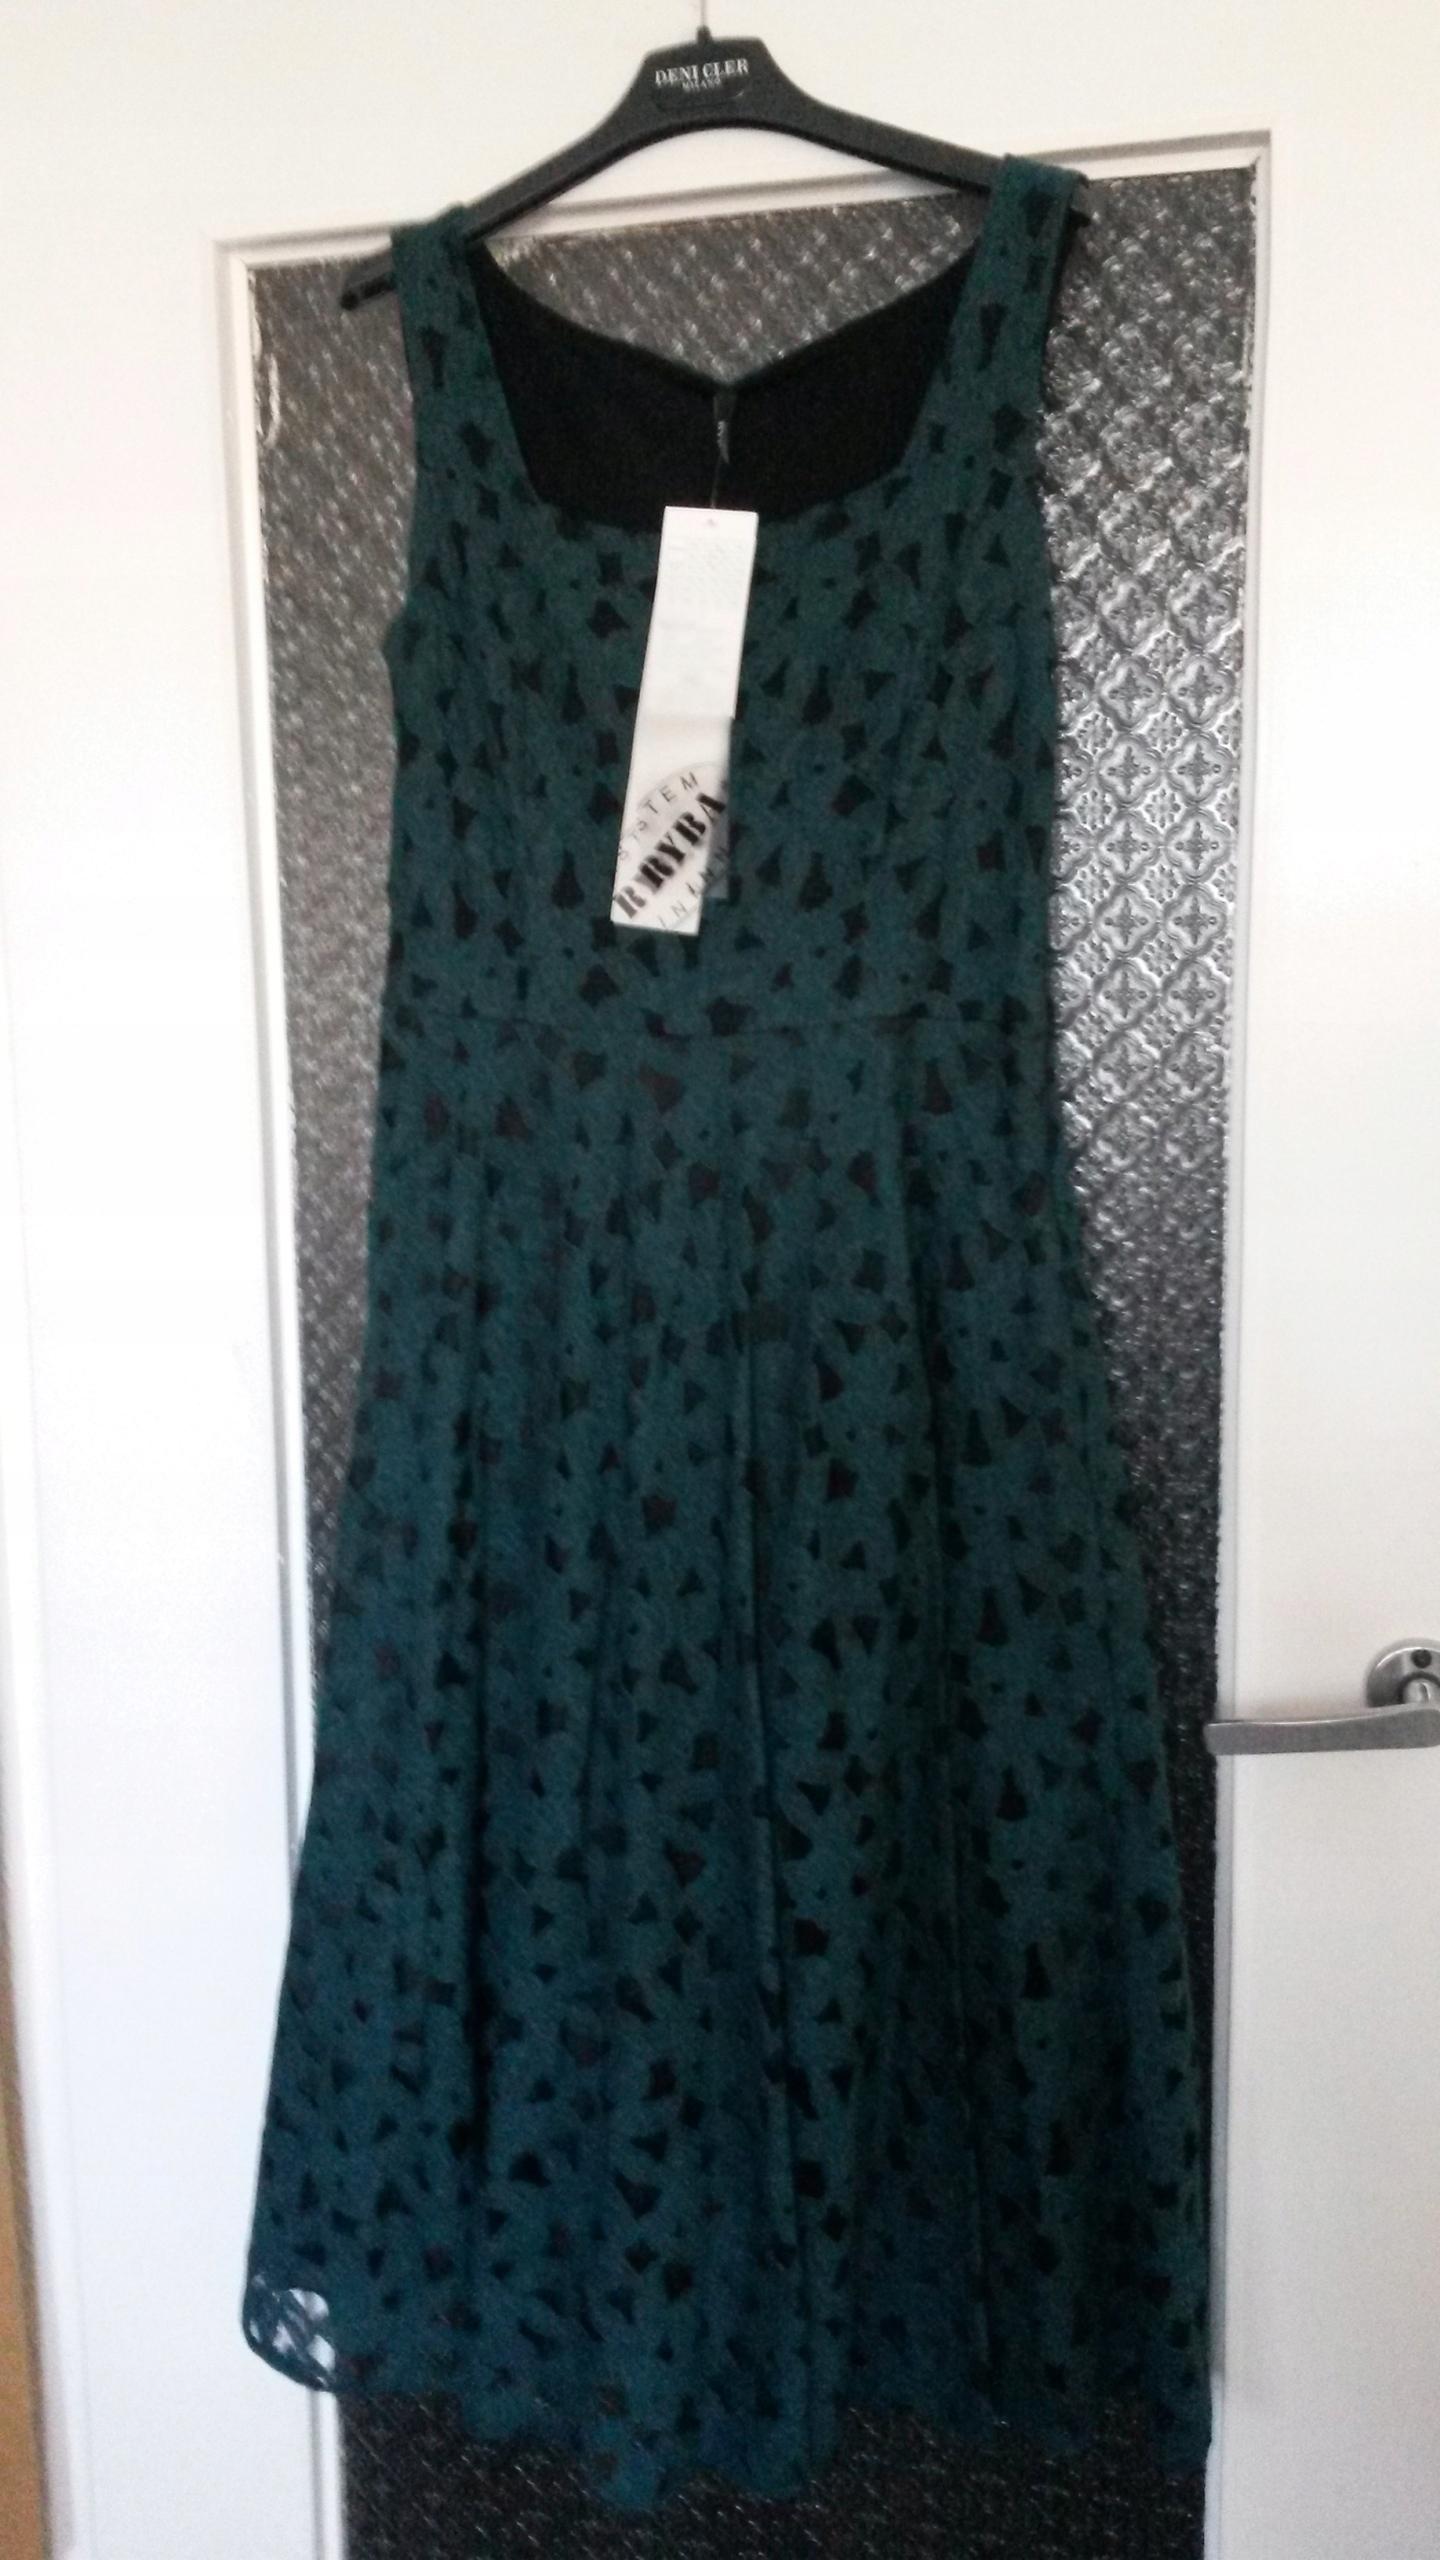 d3ea89964d RYBA koronkowa sukienka 38 40 zieleń nowa Święta - 7673639396 ...